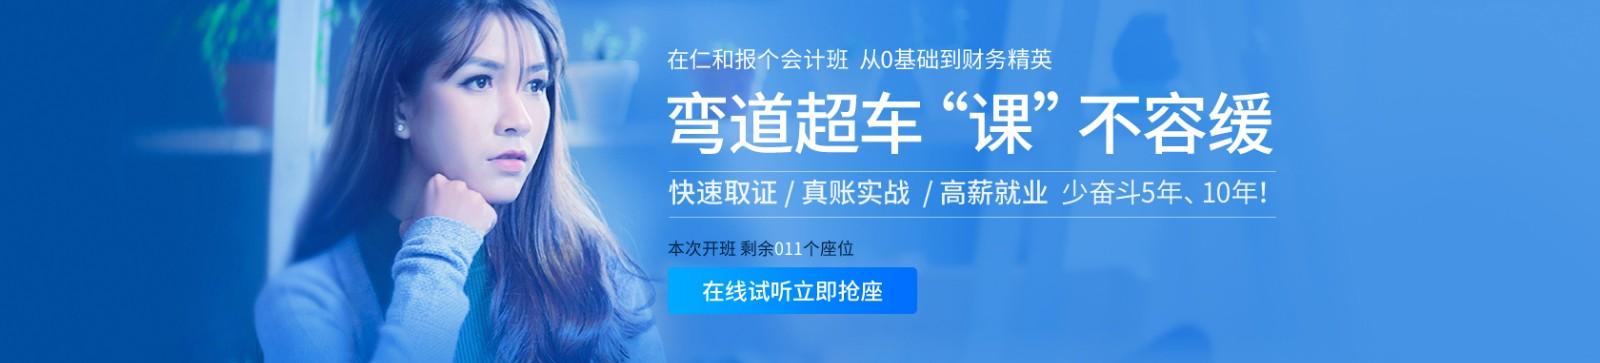 长沙仁和会计合乐彩票app学校 横幅广告